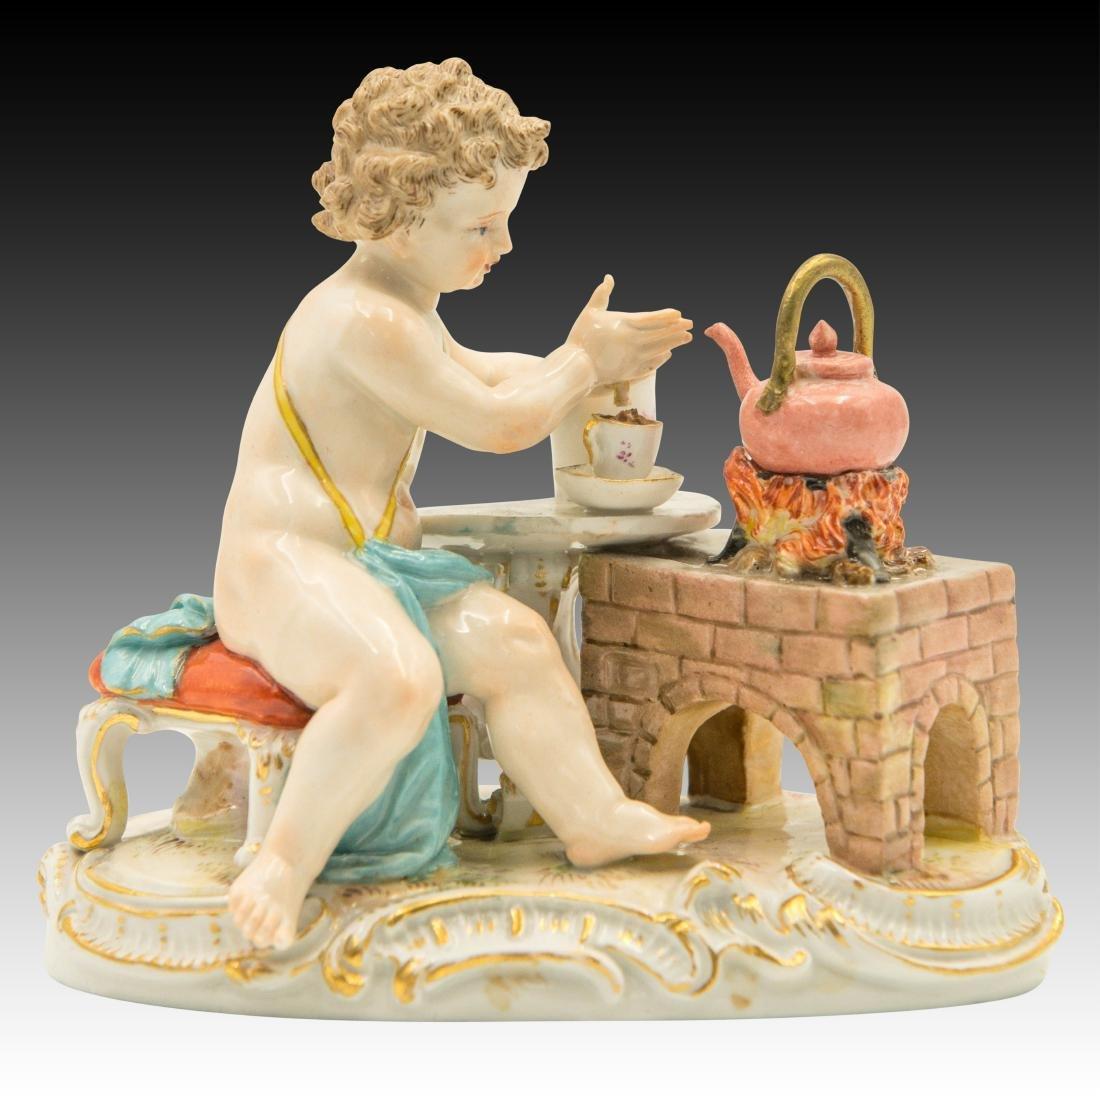 Meissen Cherub Making Hot Chocolate Figurine